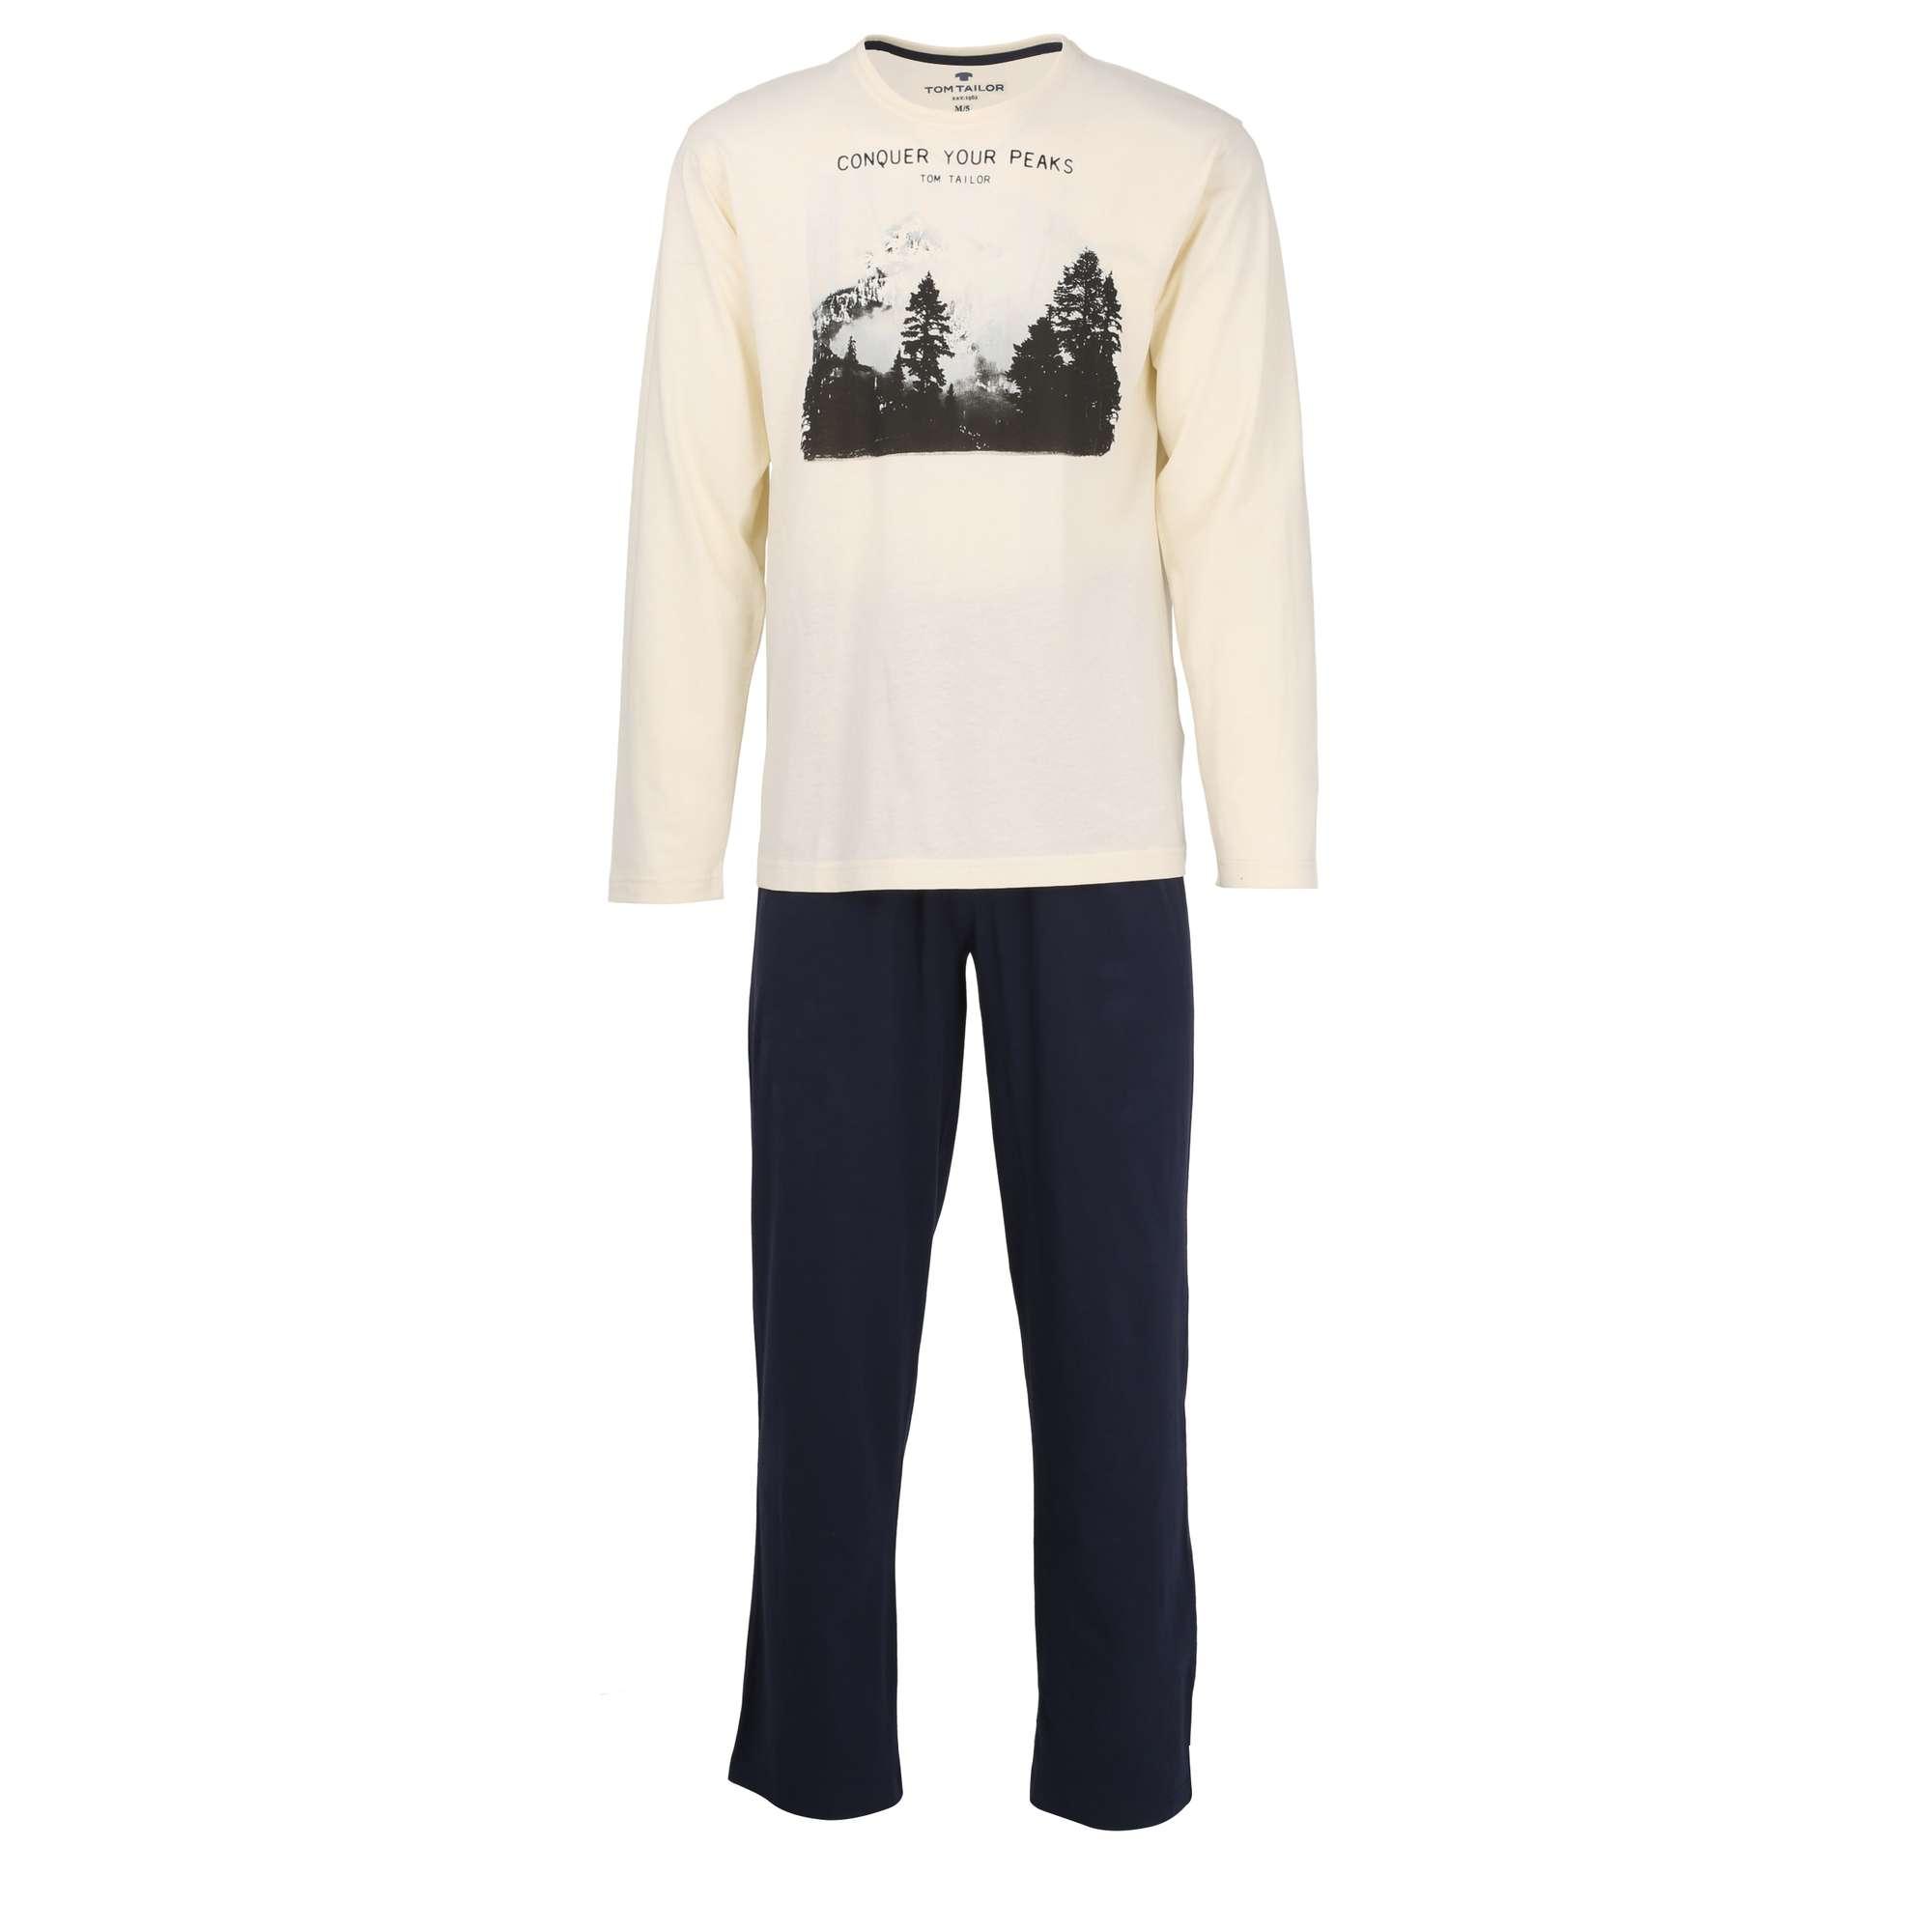 Super Rabatt vollständig in den Spezifikationen 2018 Schuhe TOM TAILOR Herren Pyjama weiß Motivprint 1er Pack jetzt kaufen